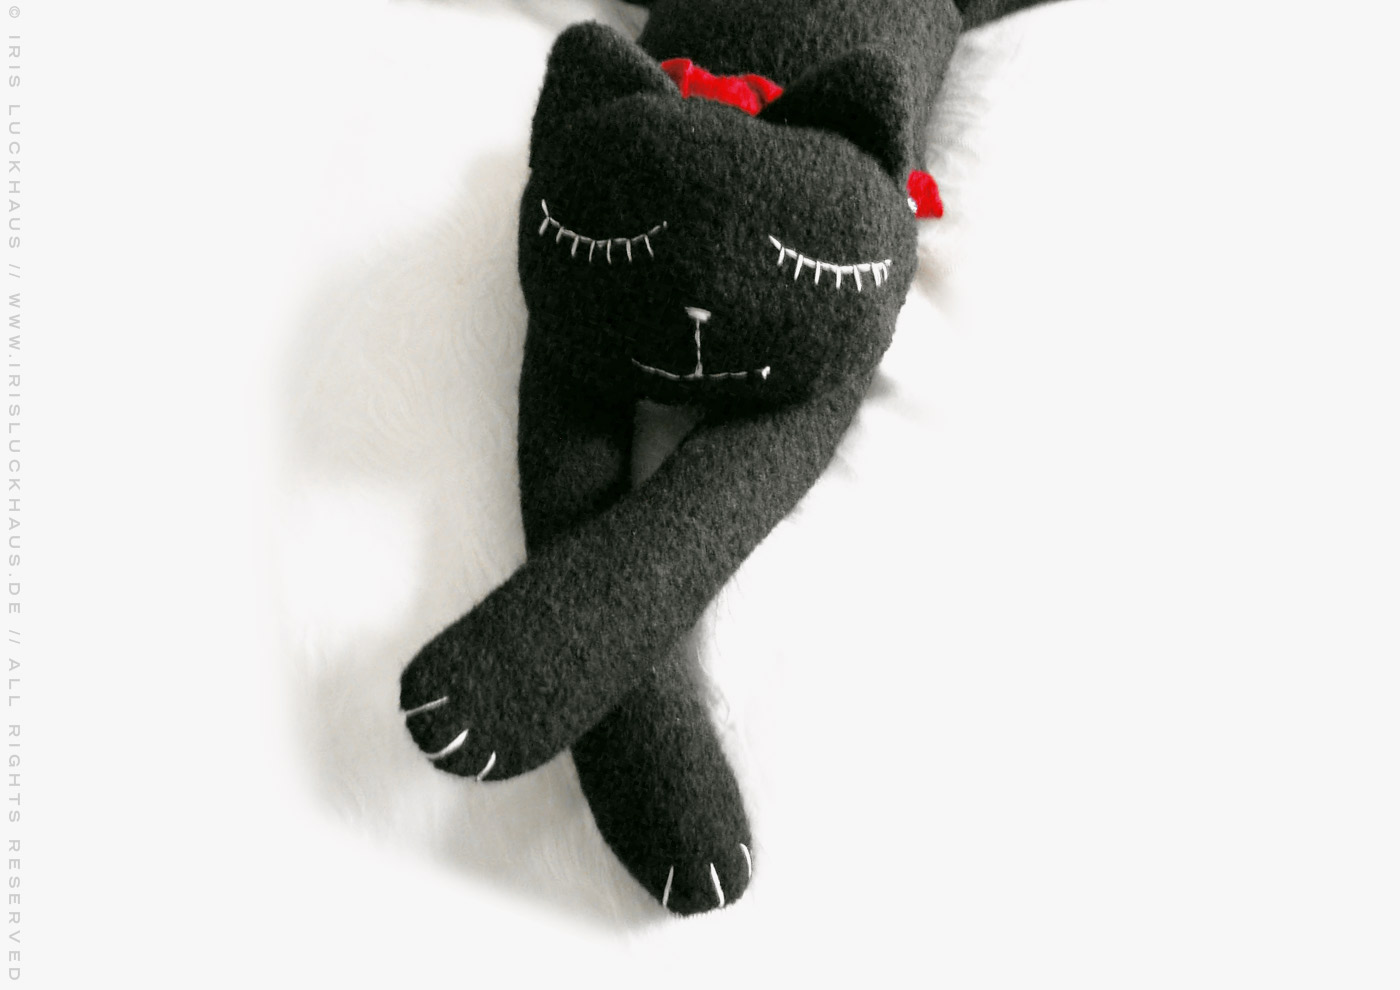 Kuscheliges Stofftier Pauline, eine glücklich schlafende Katze zum Kuschen aus Wirkloden Stoff mit einem roten Schal